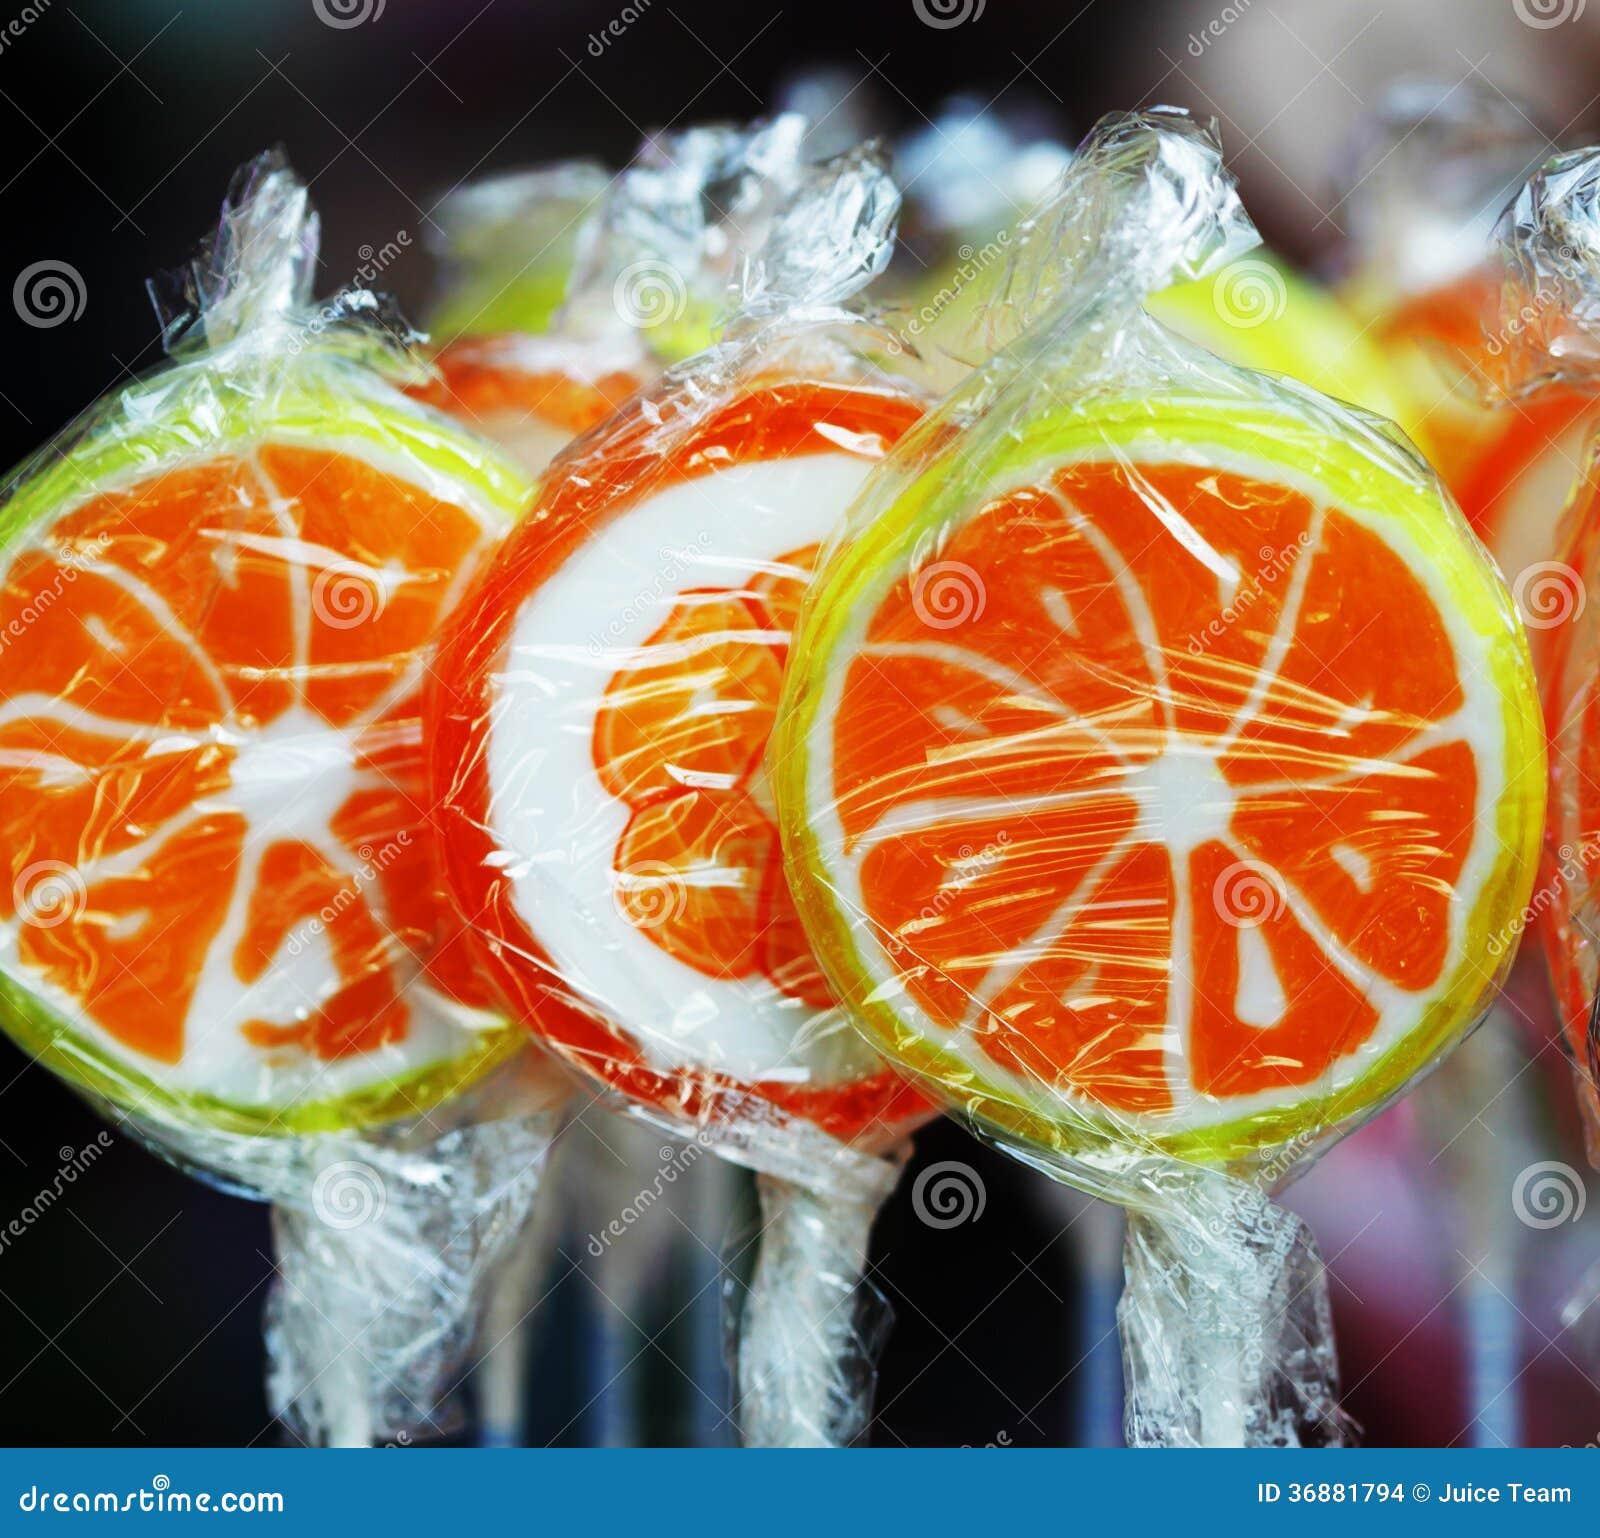 Download Lecca-lecca arancio fotografia stock. Immagine di confezione - 36881794